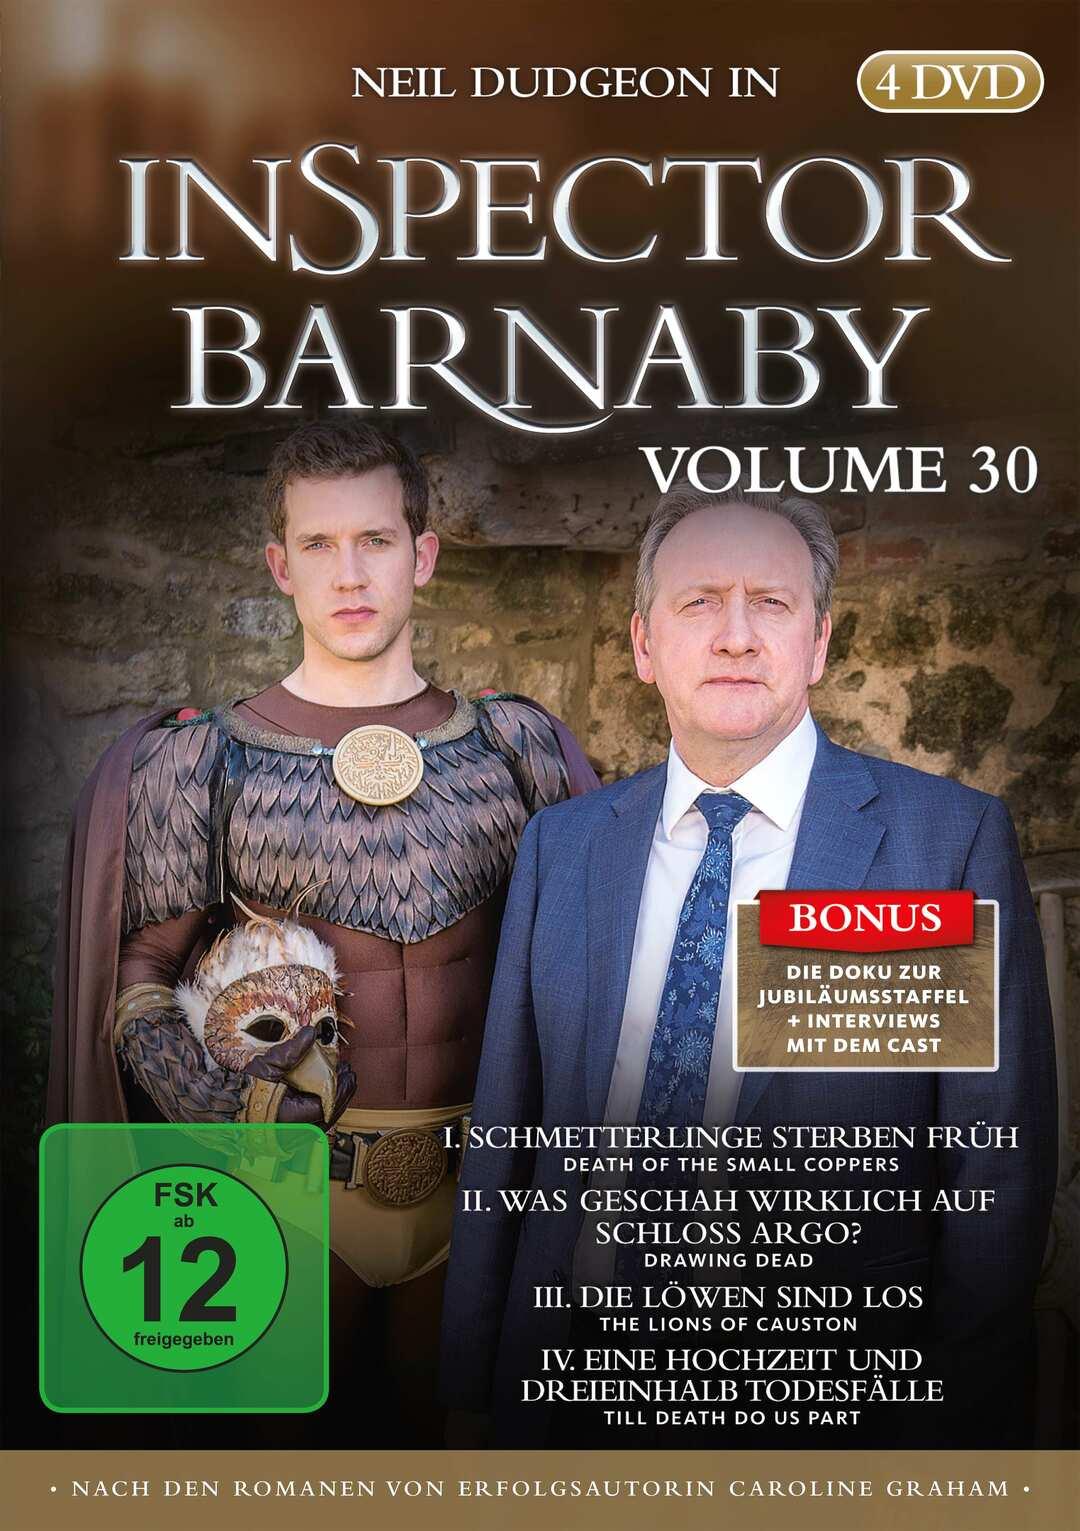 Inspector Barnaby: Vol. 30 mit vier neuen Fällen und Bonus-Doku - Bild 1 von 3